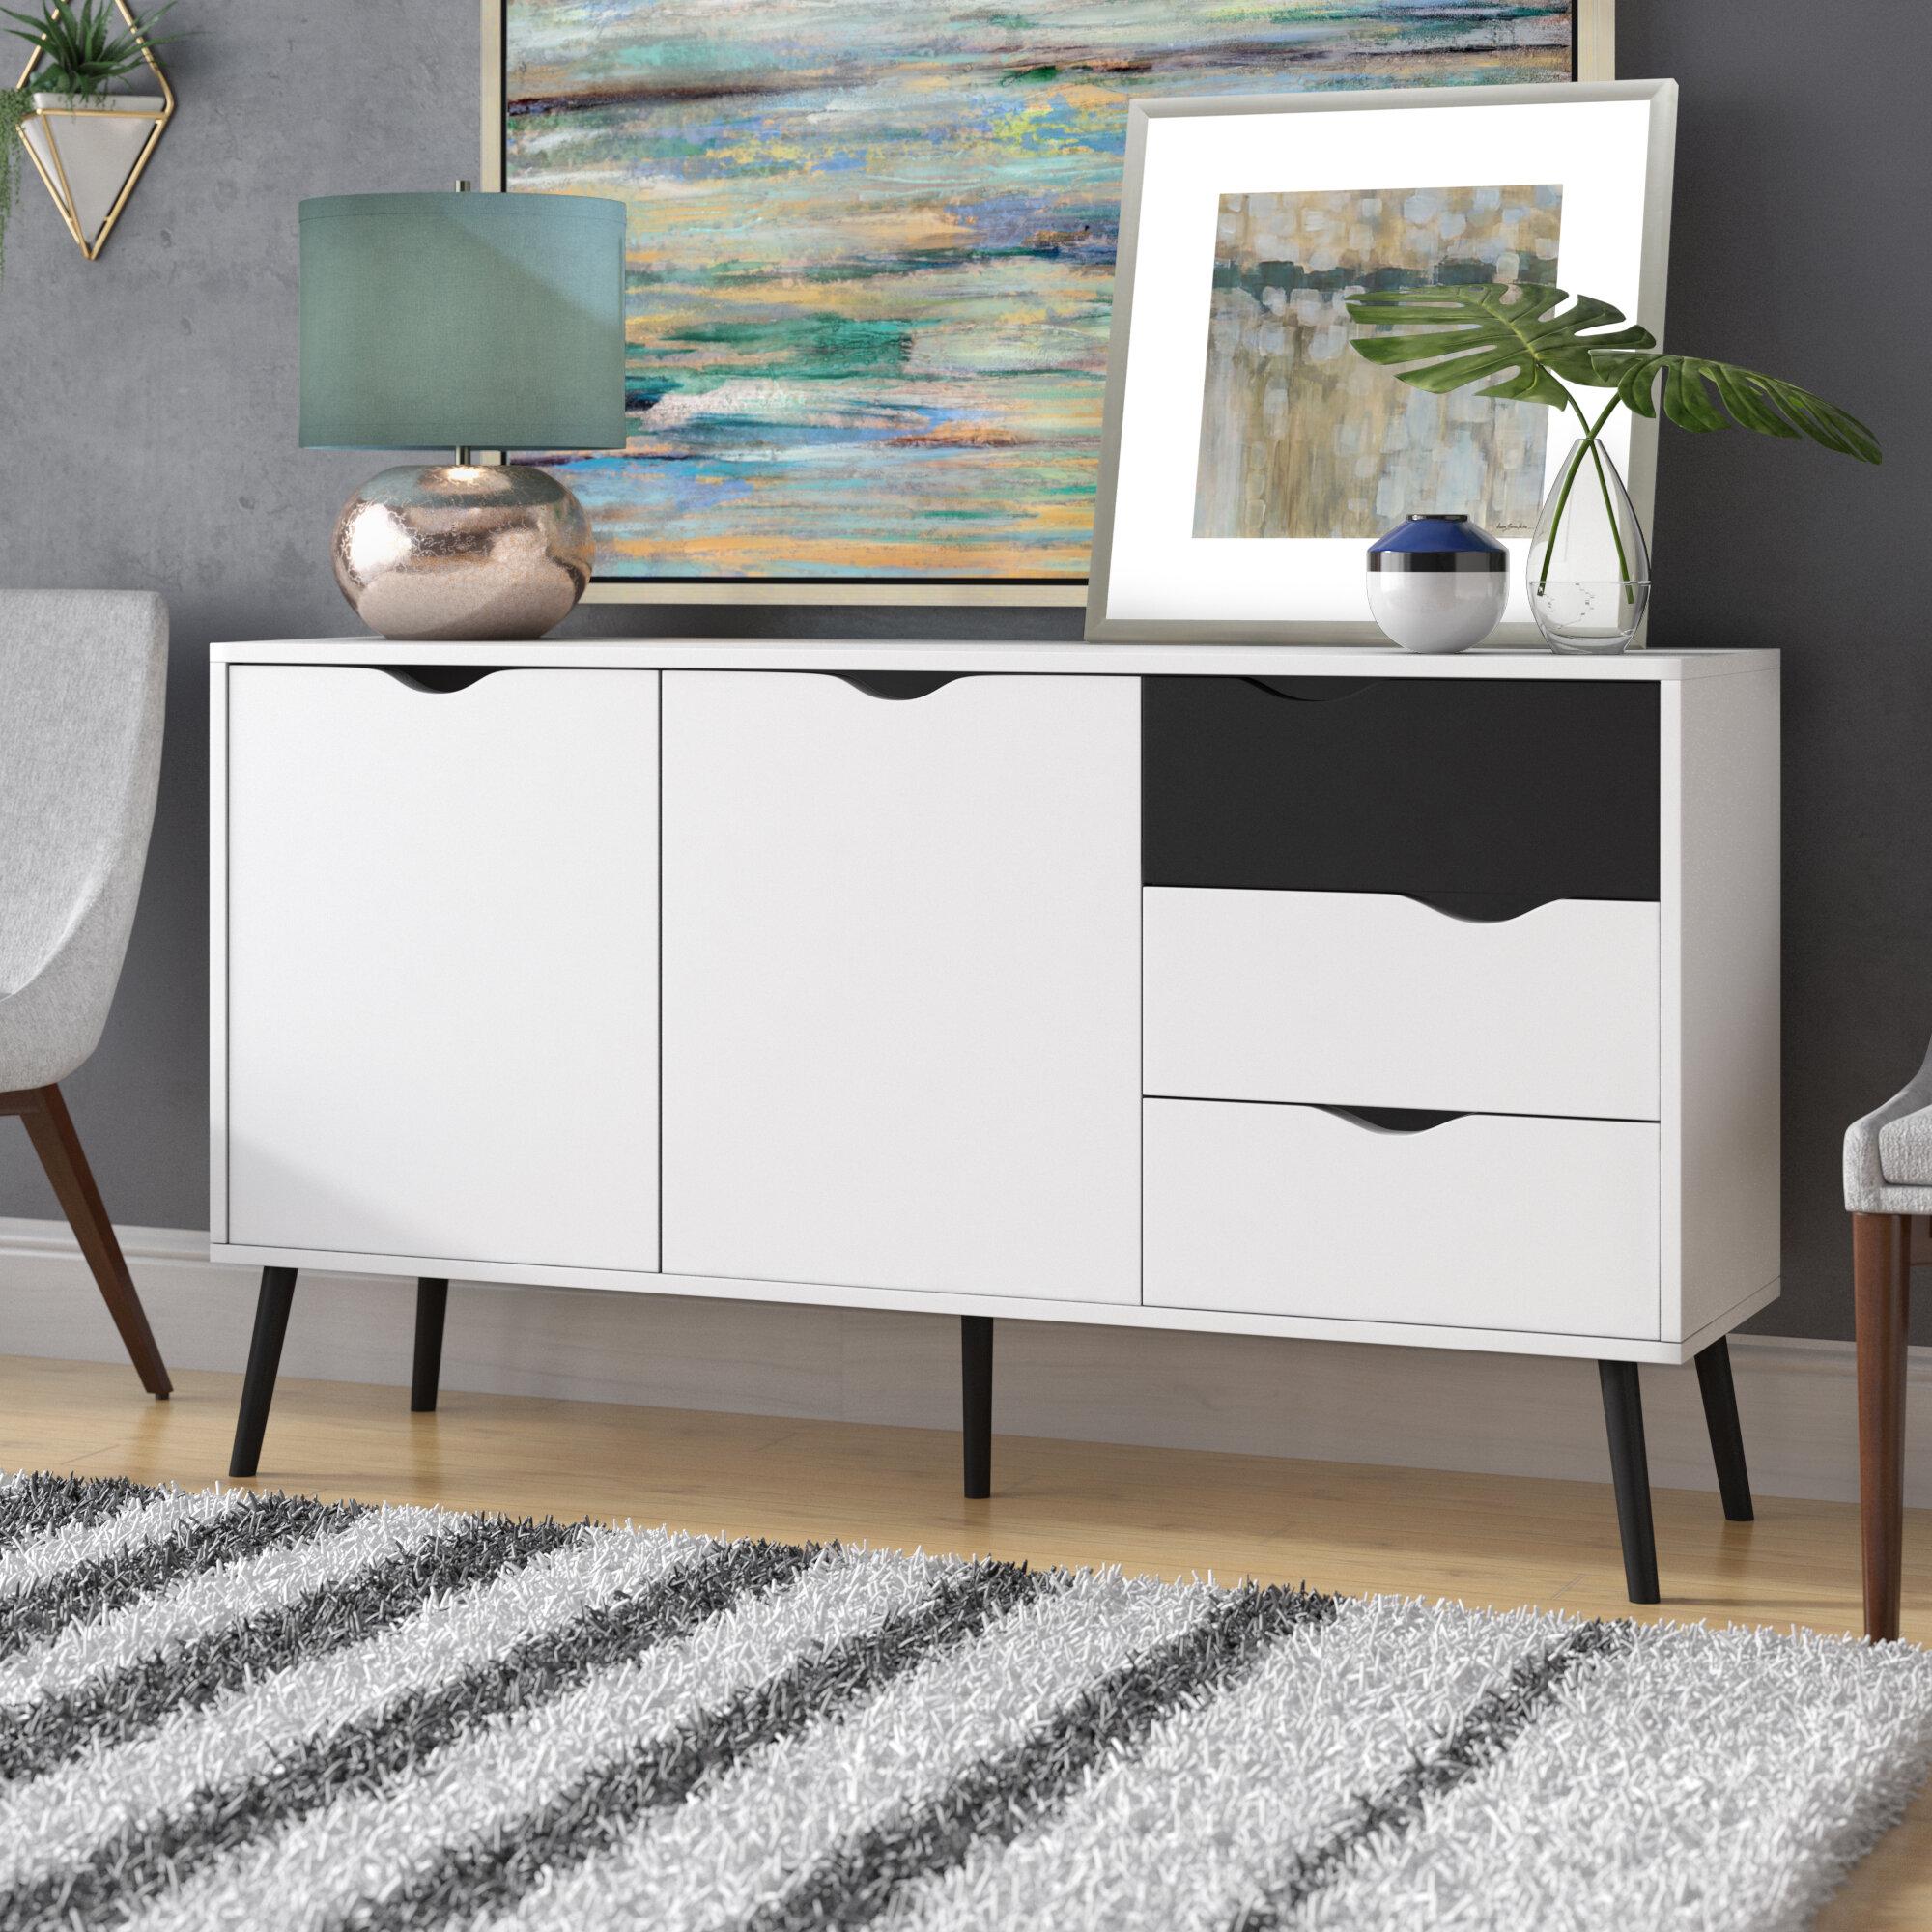 mateer 5 drawer sideboard reviews joss main